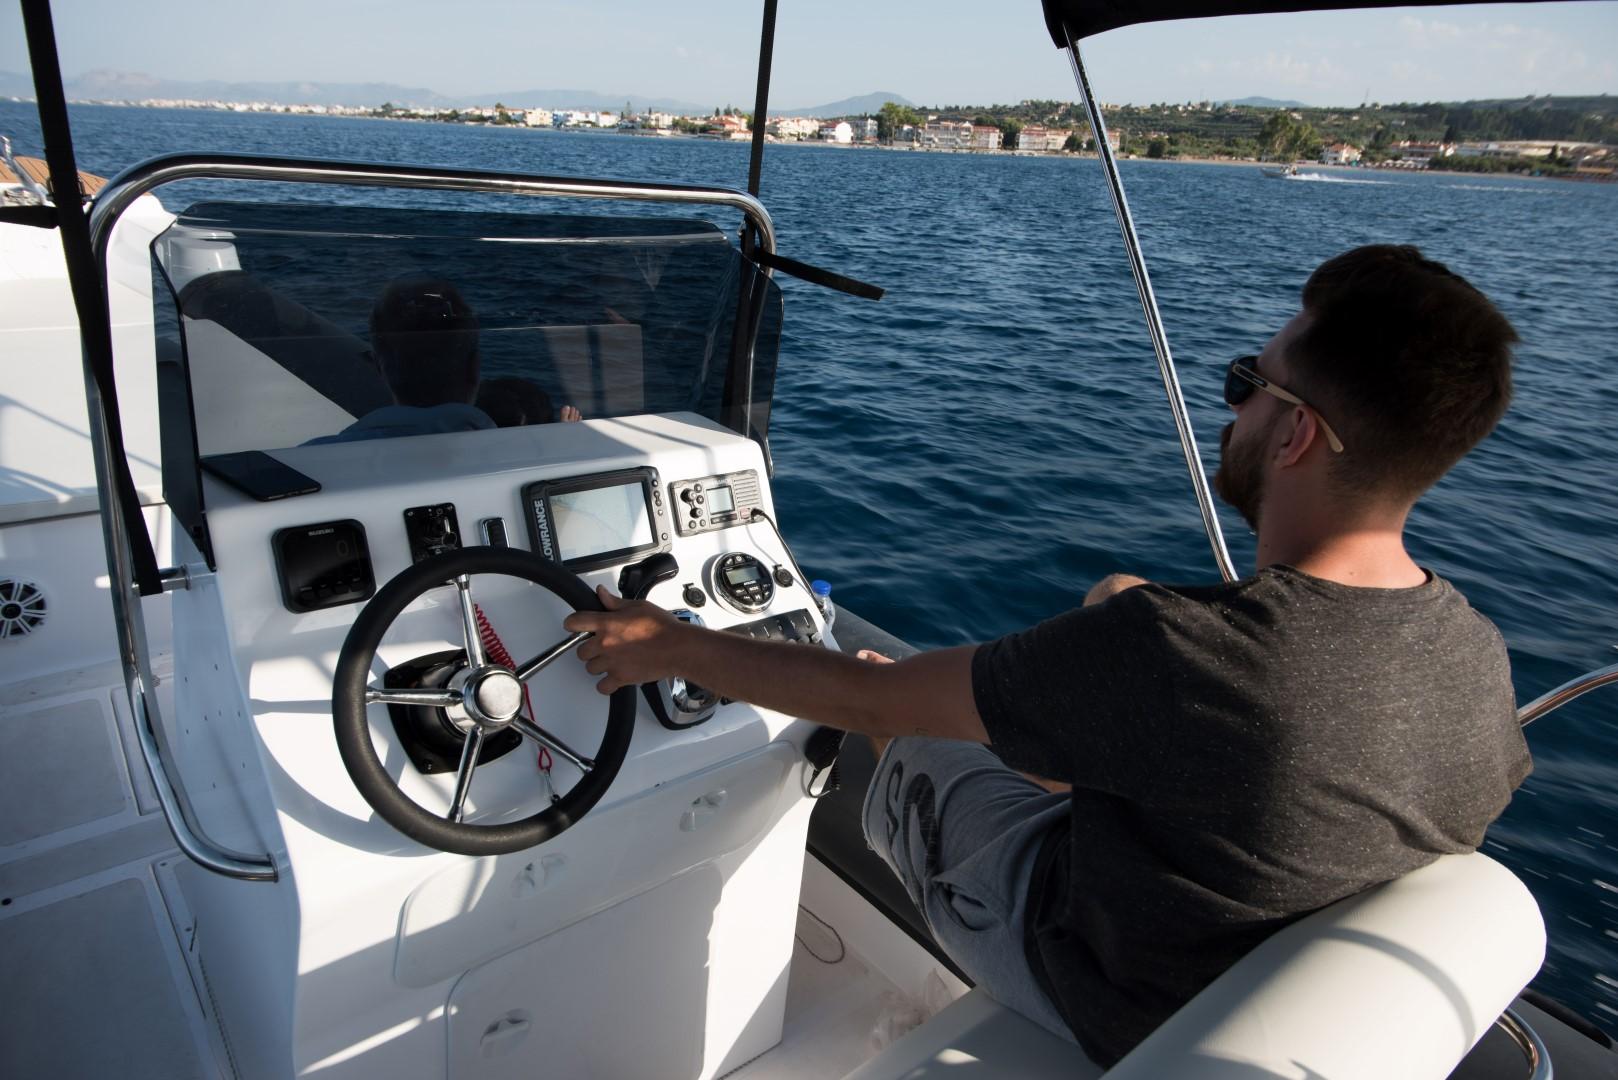 Boat Rental by Lido Seaside Hotel